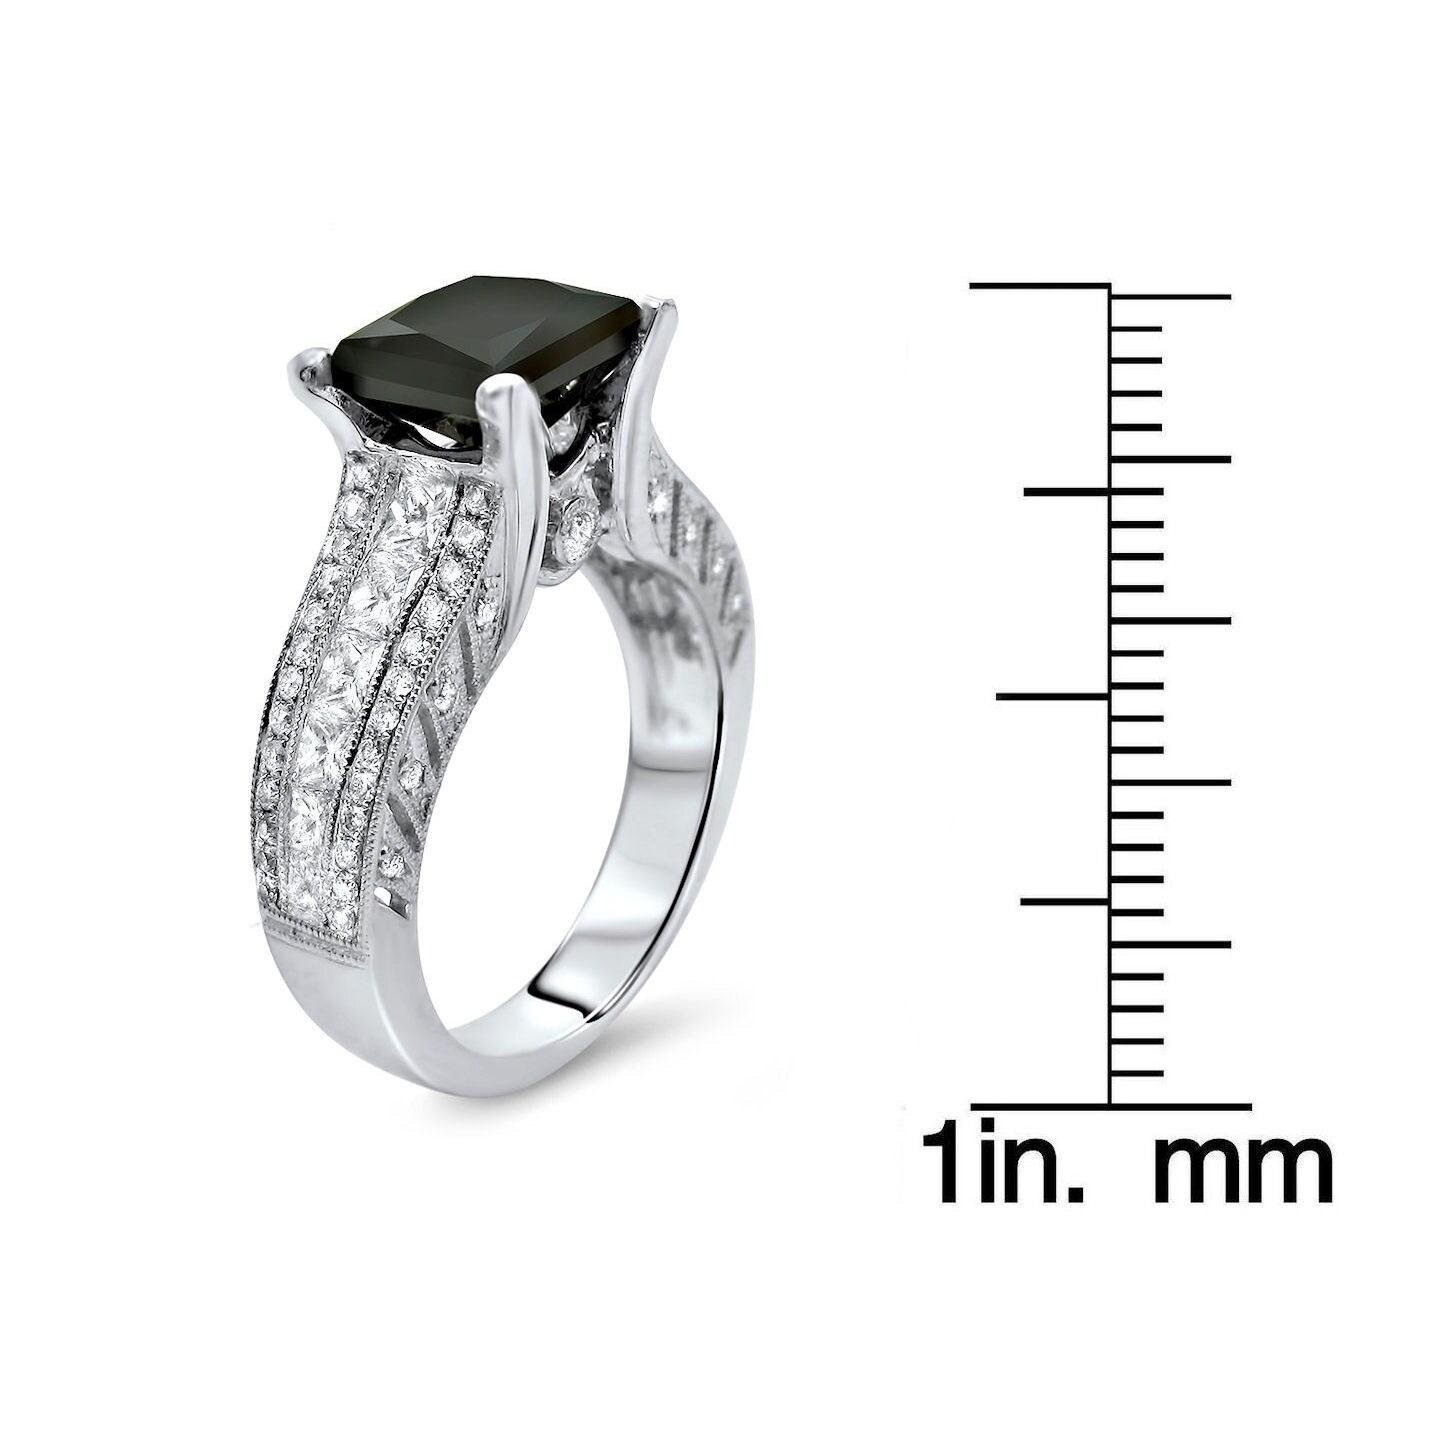 18k White Gold 3 2/5ct TDW Black Princess-cut Round Diamond Ring